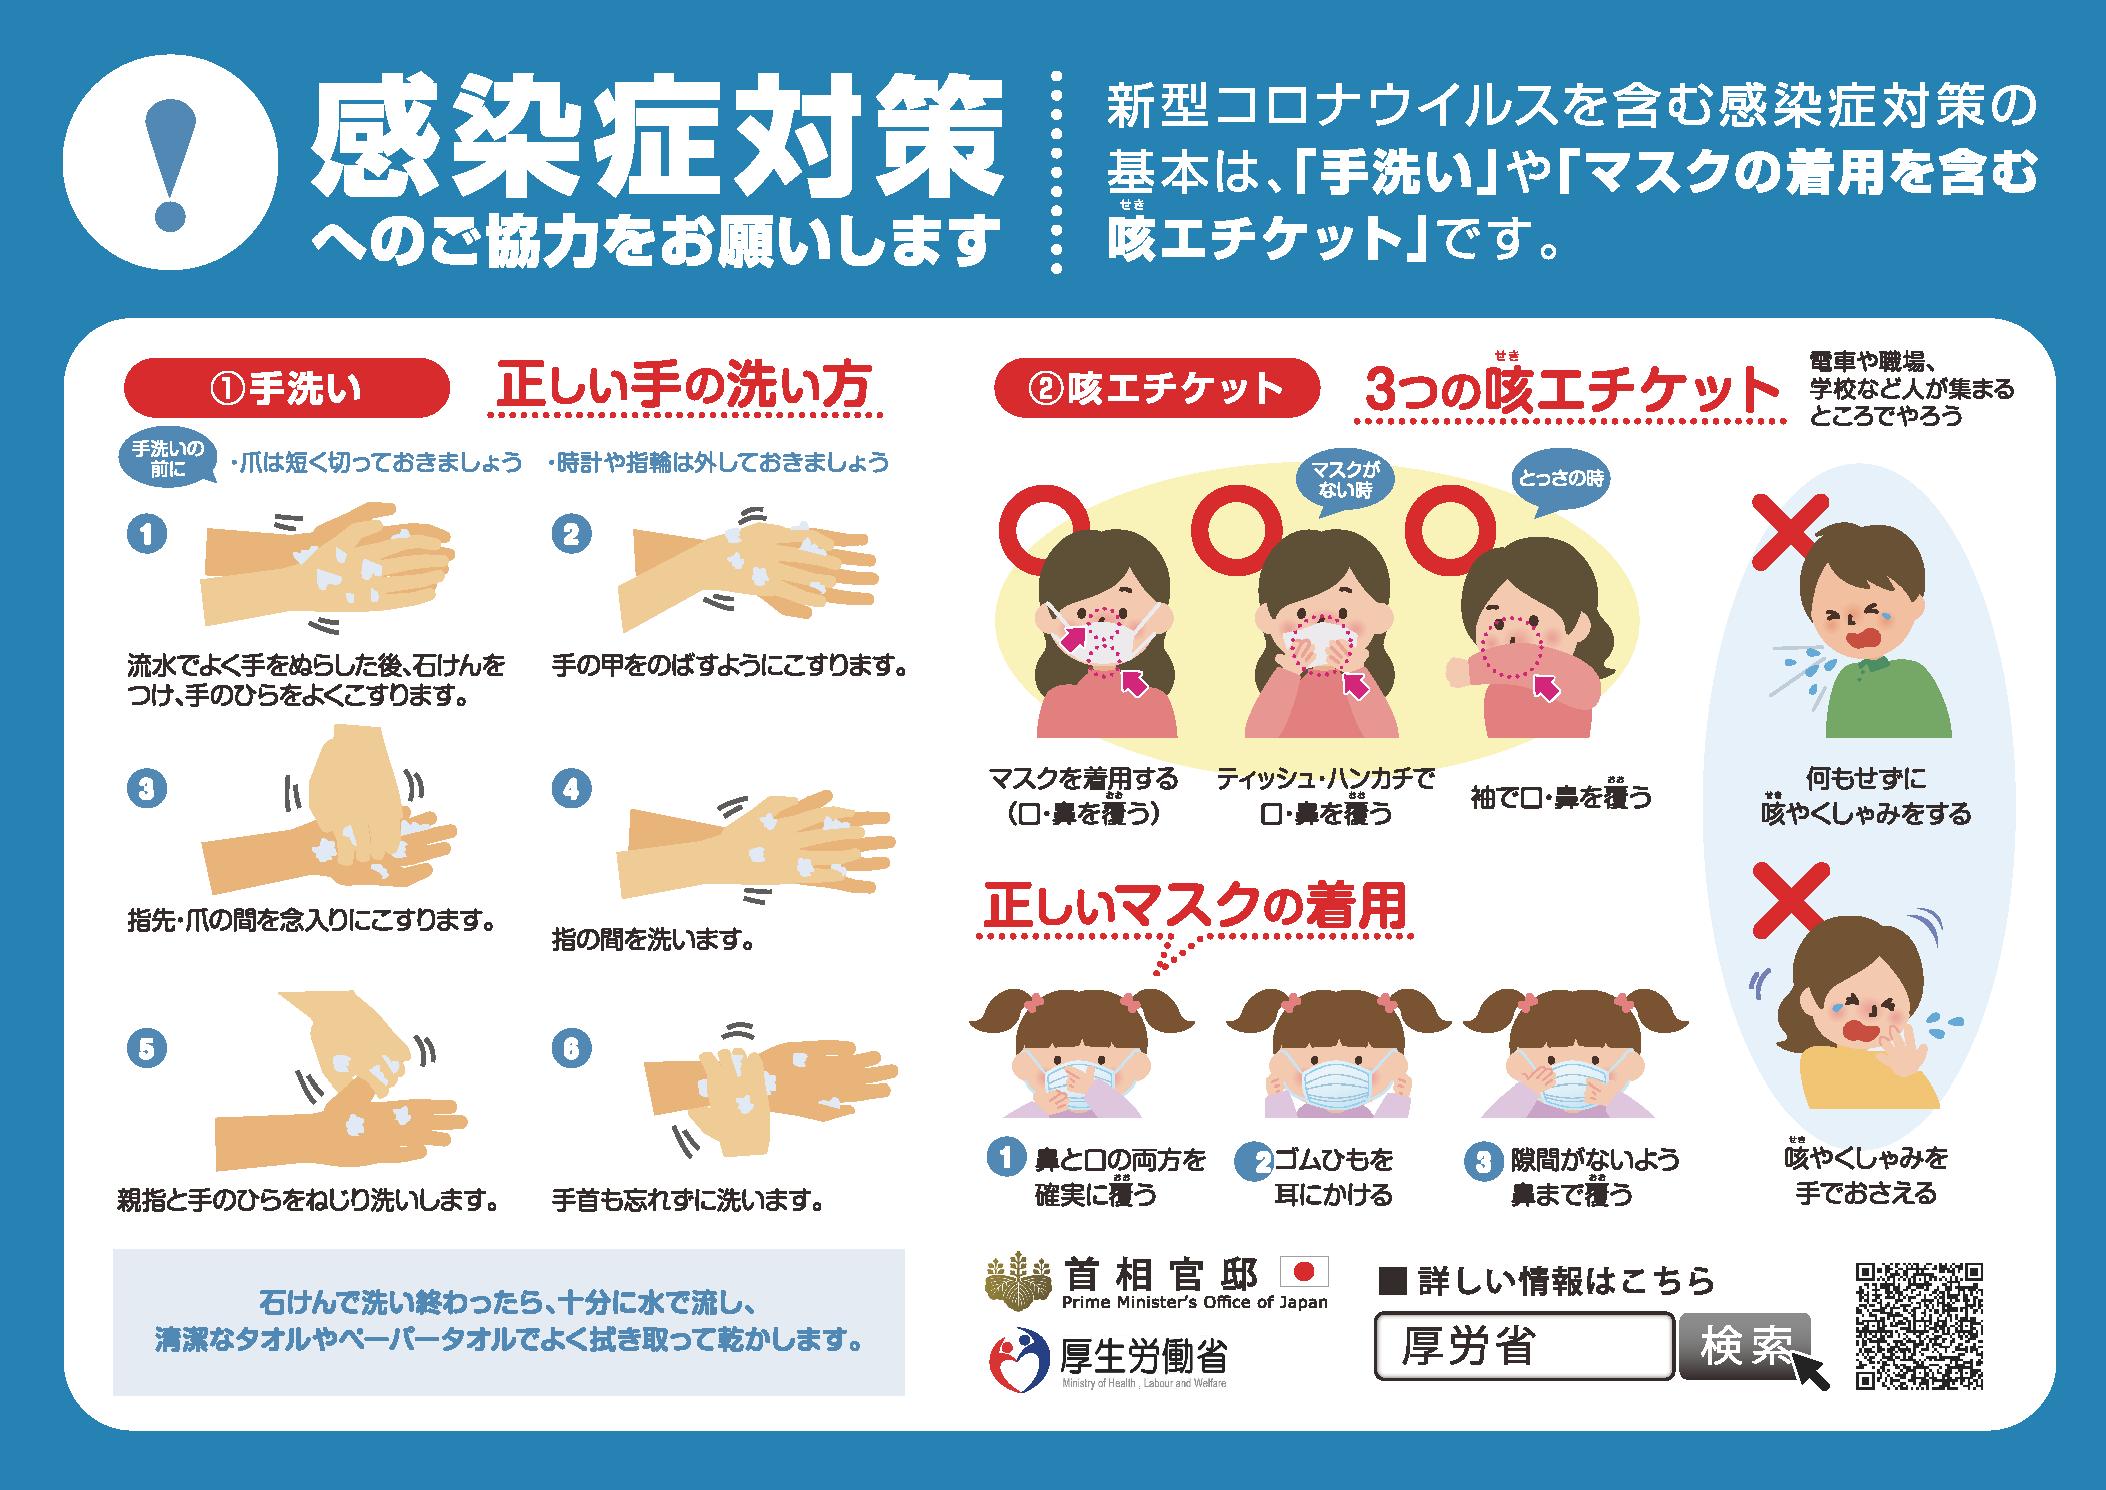 新型 感染 症 都 東京 ウイルス コロナ 若者向け新型コロナウイルス感染症に関するメッセージ(3月26日)|東京都